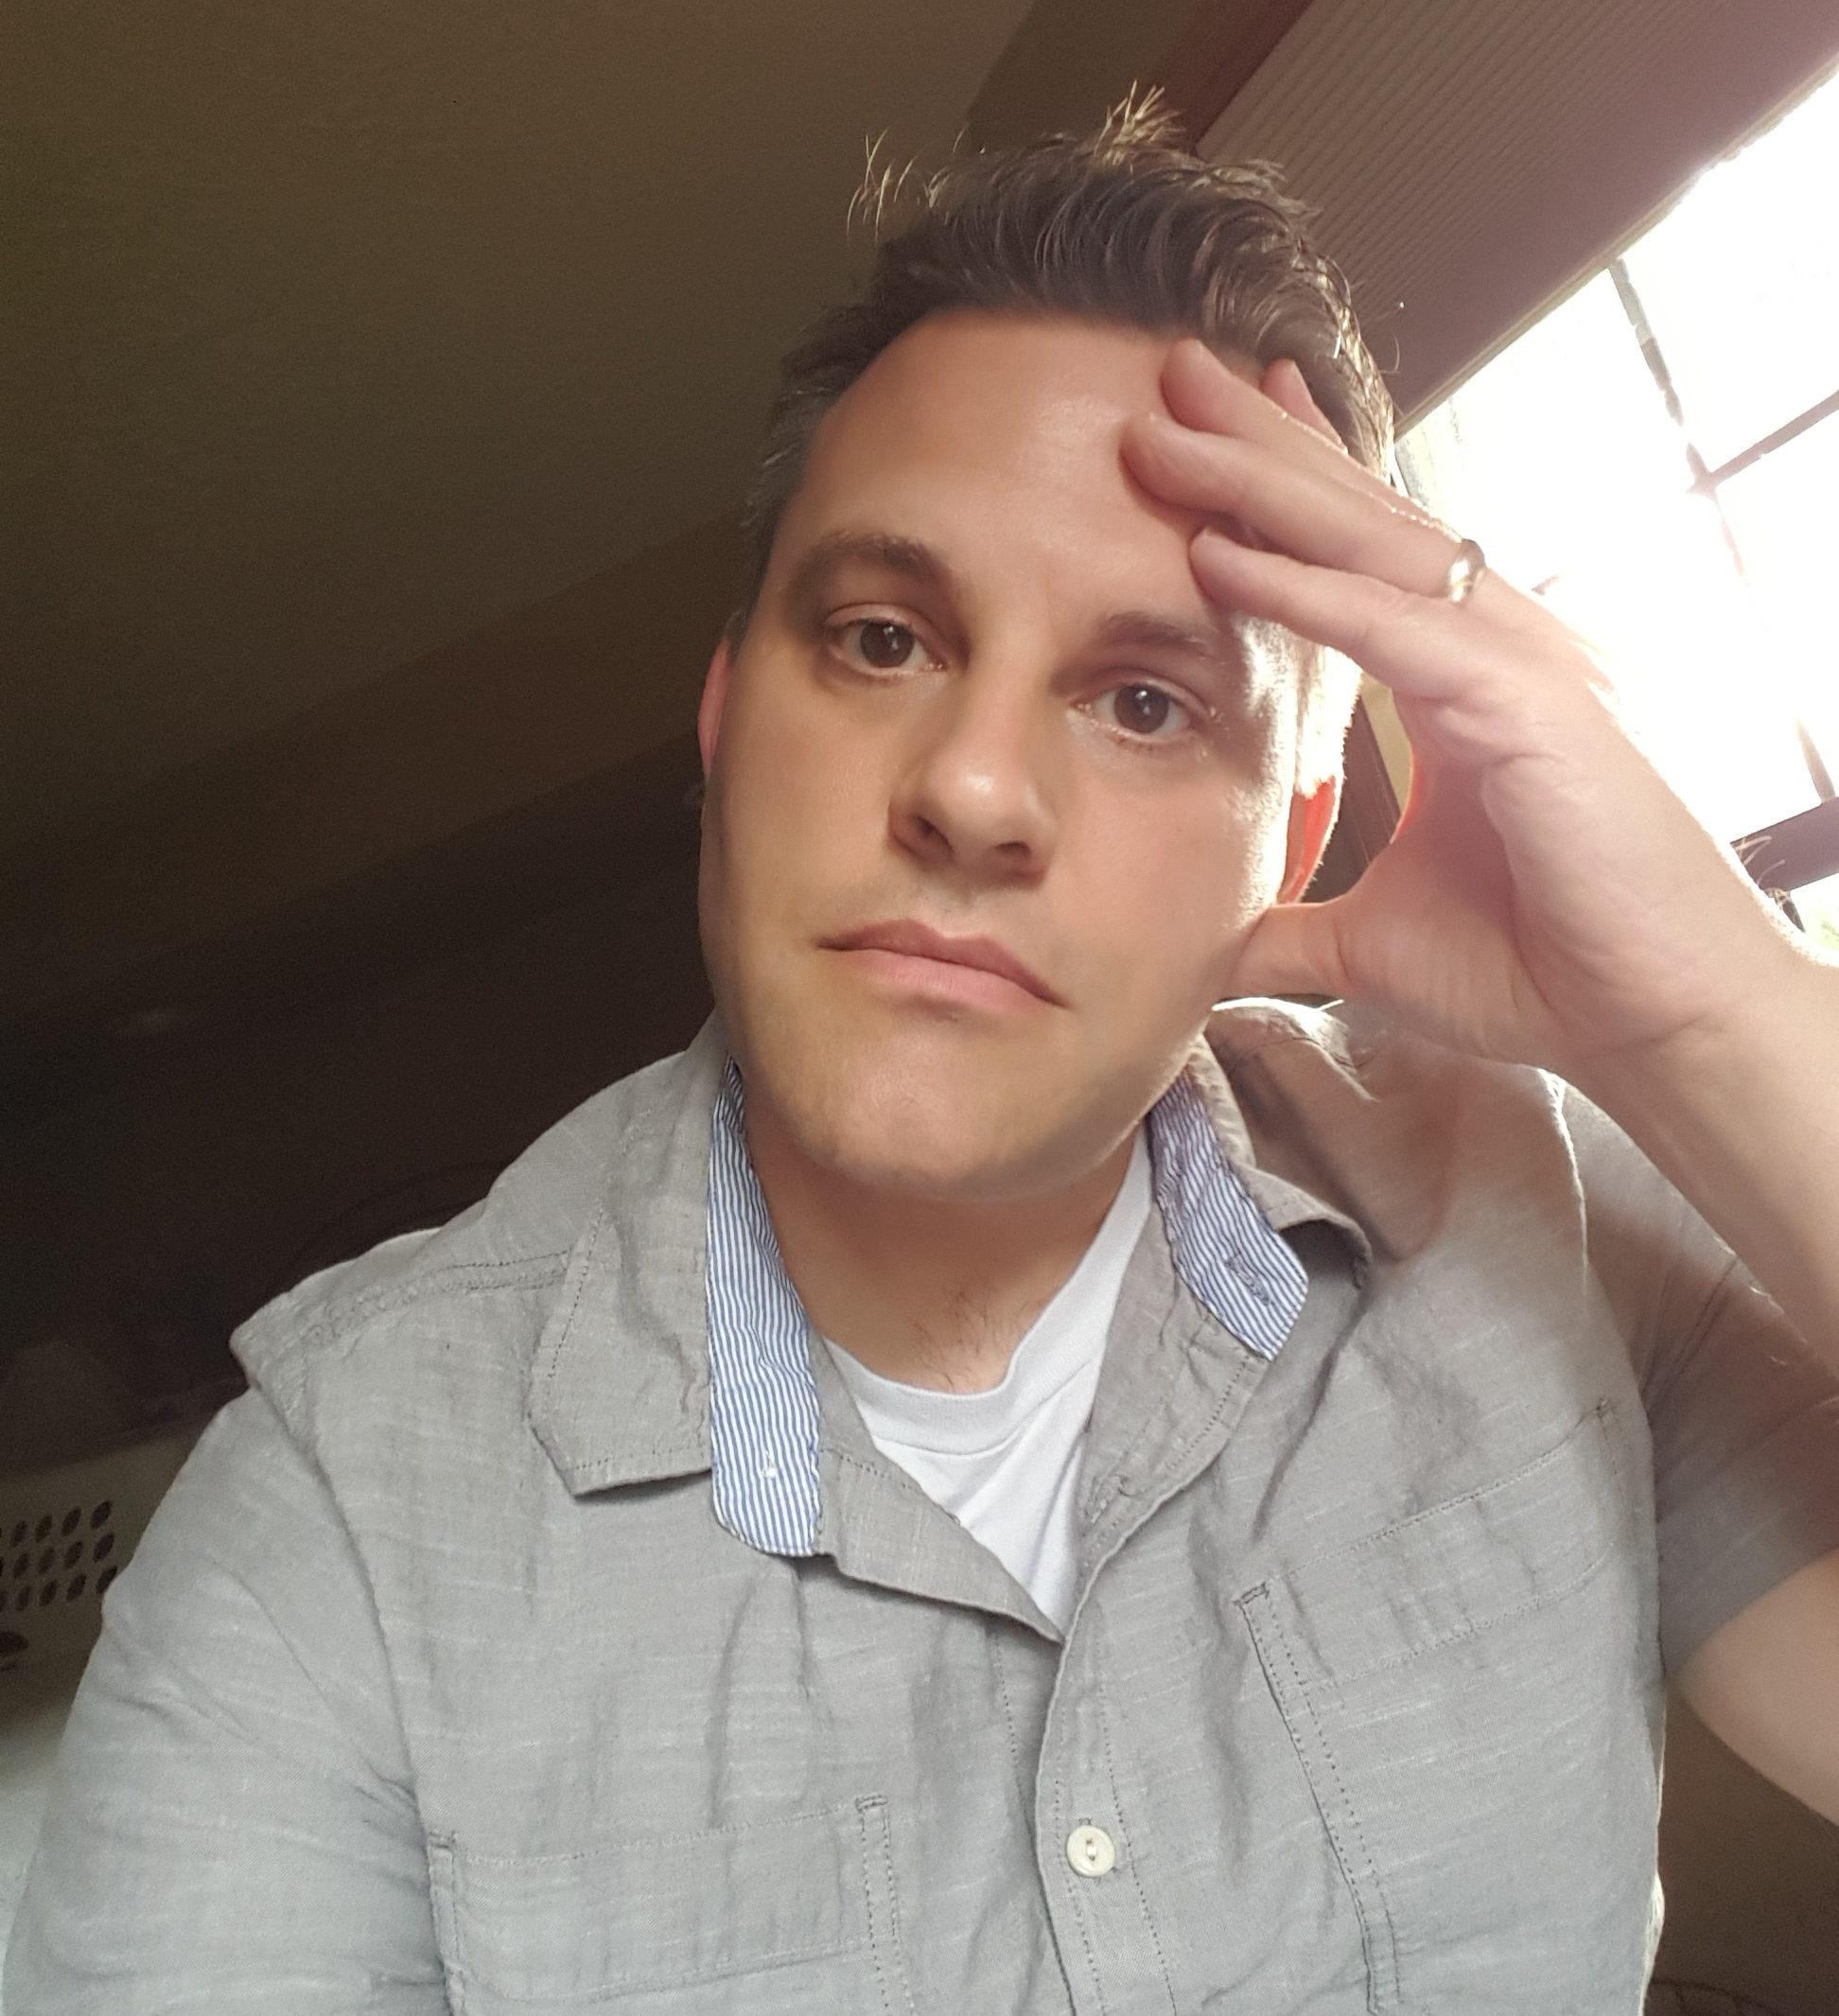 Ryan Kargel